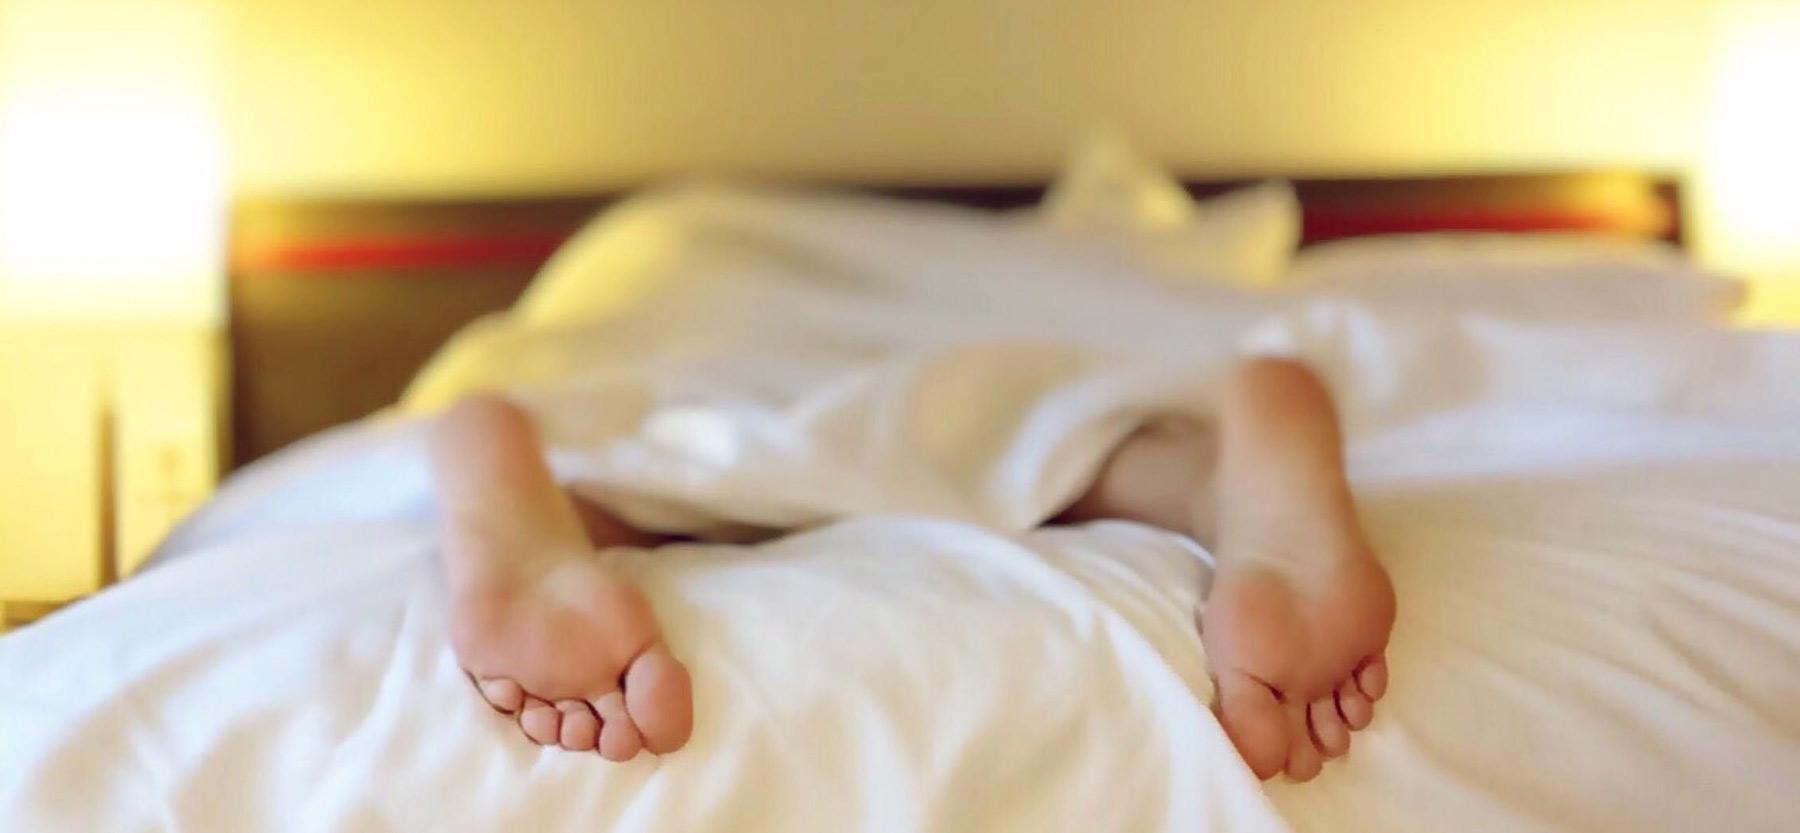 Pies de adolescente saliendo de la cama